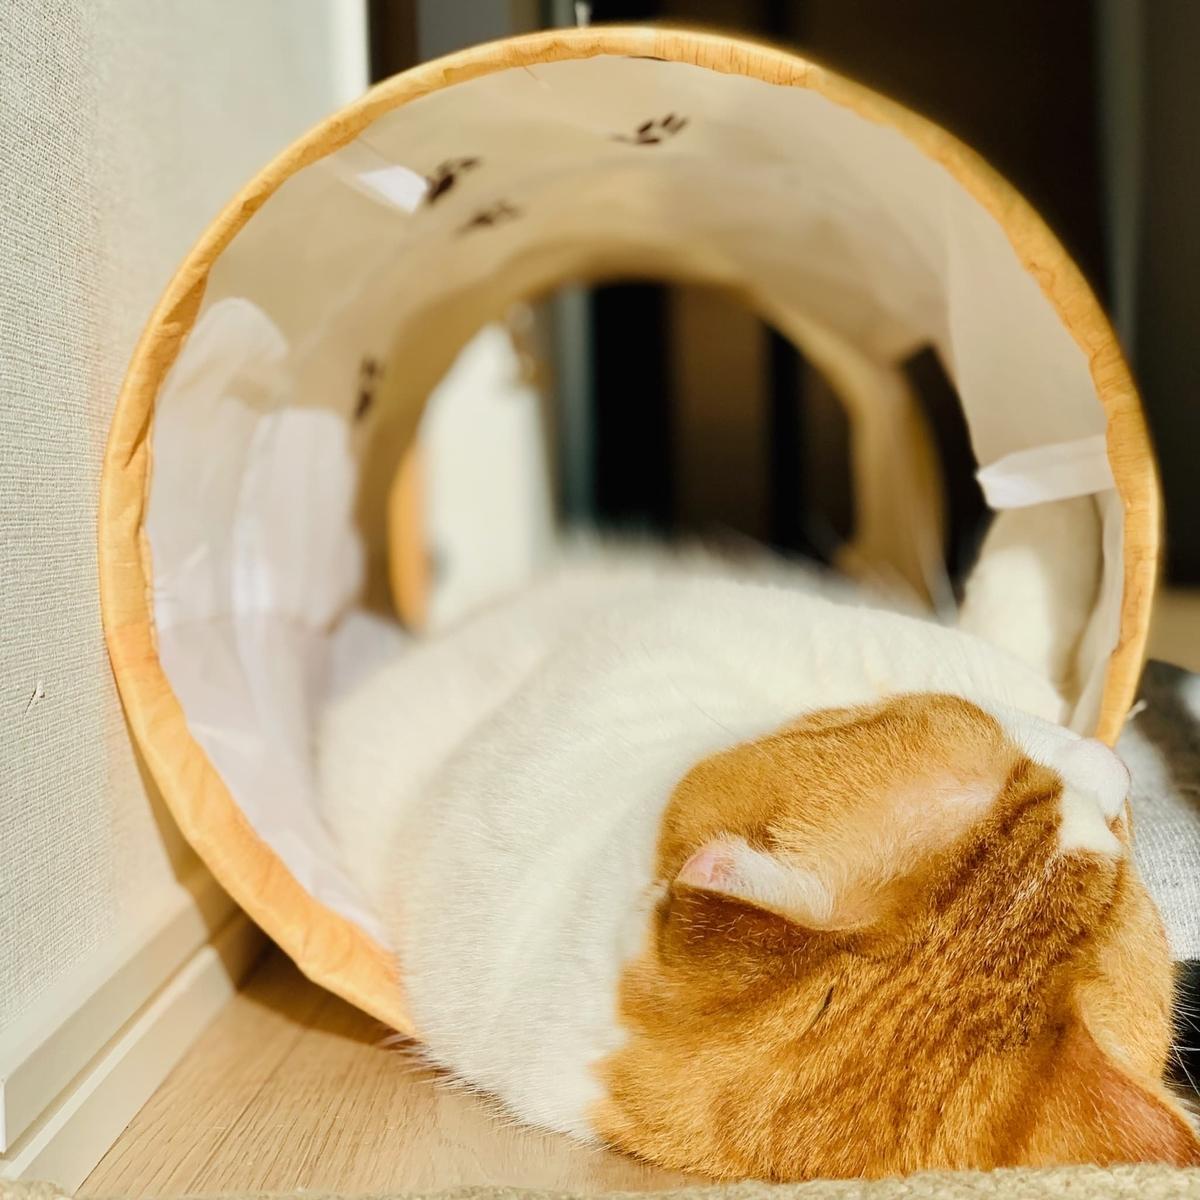 トンネル内でリラックスするるるちゃん